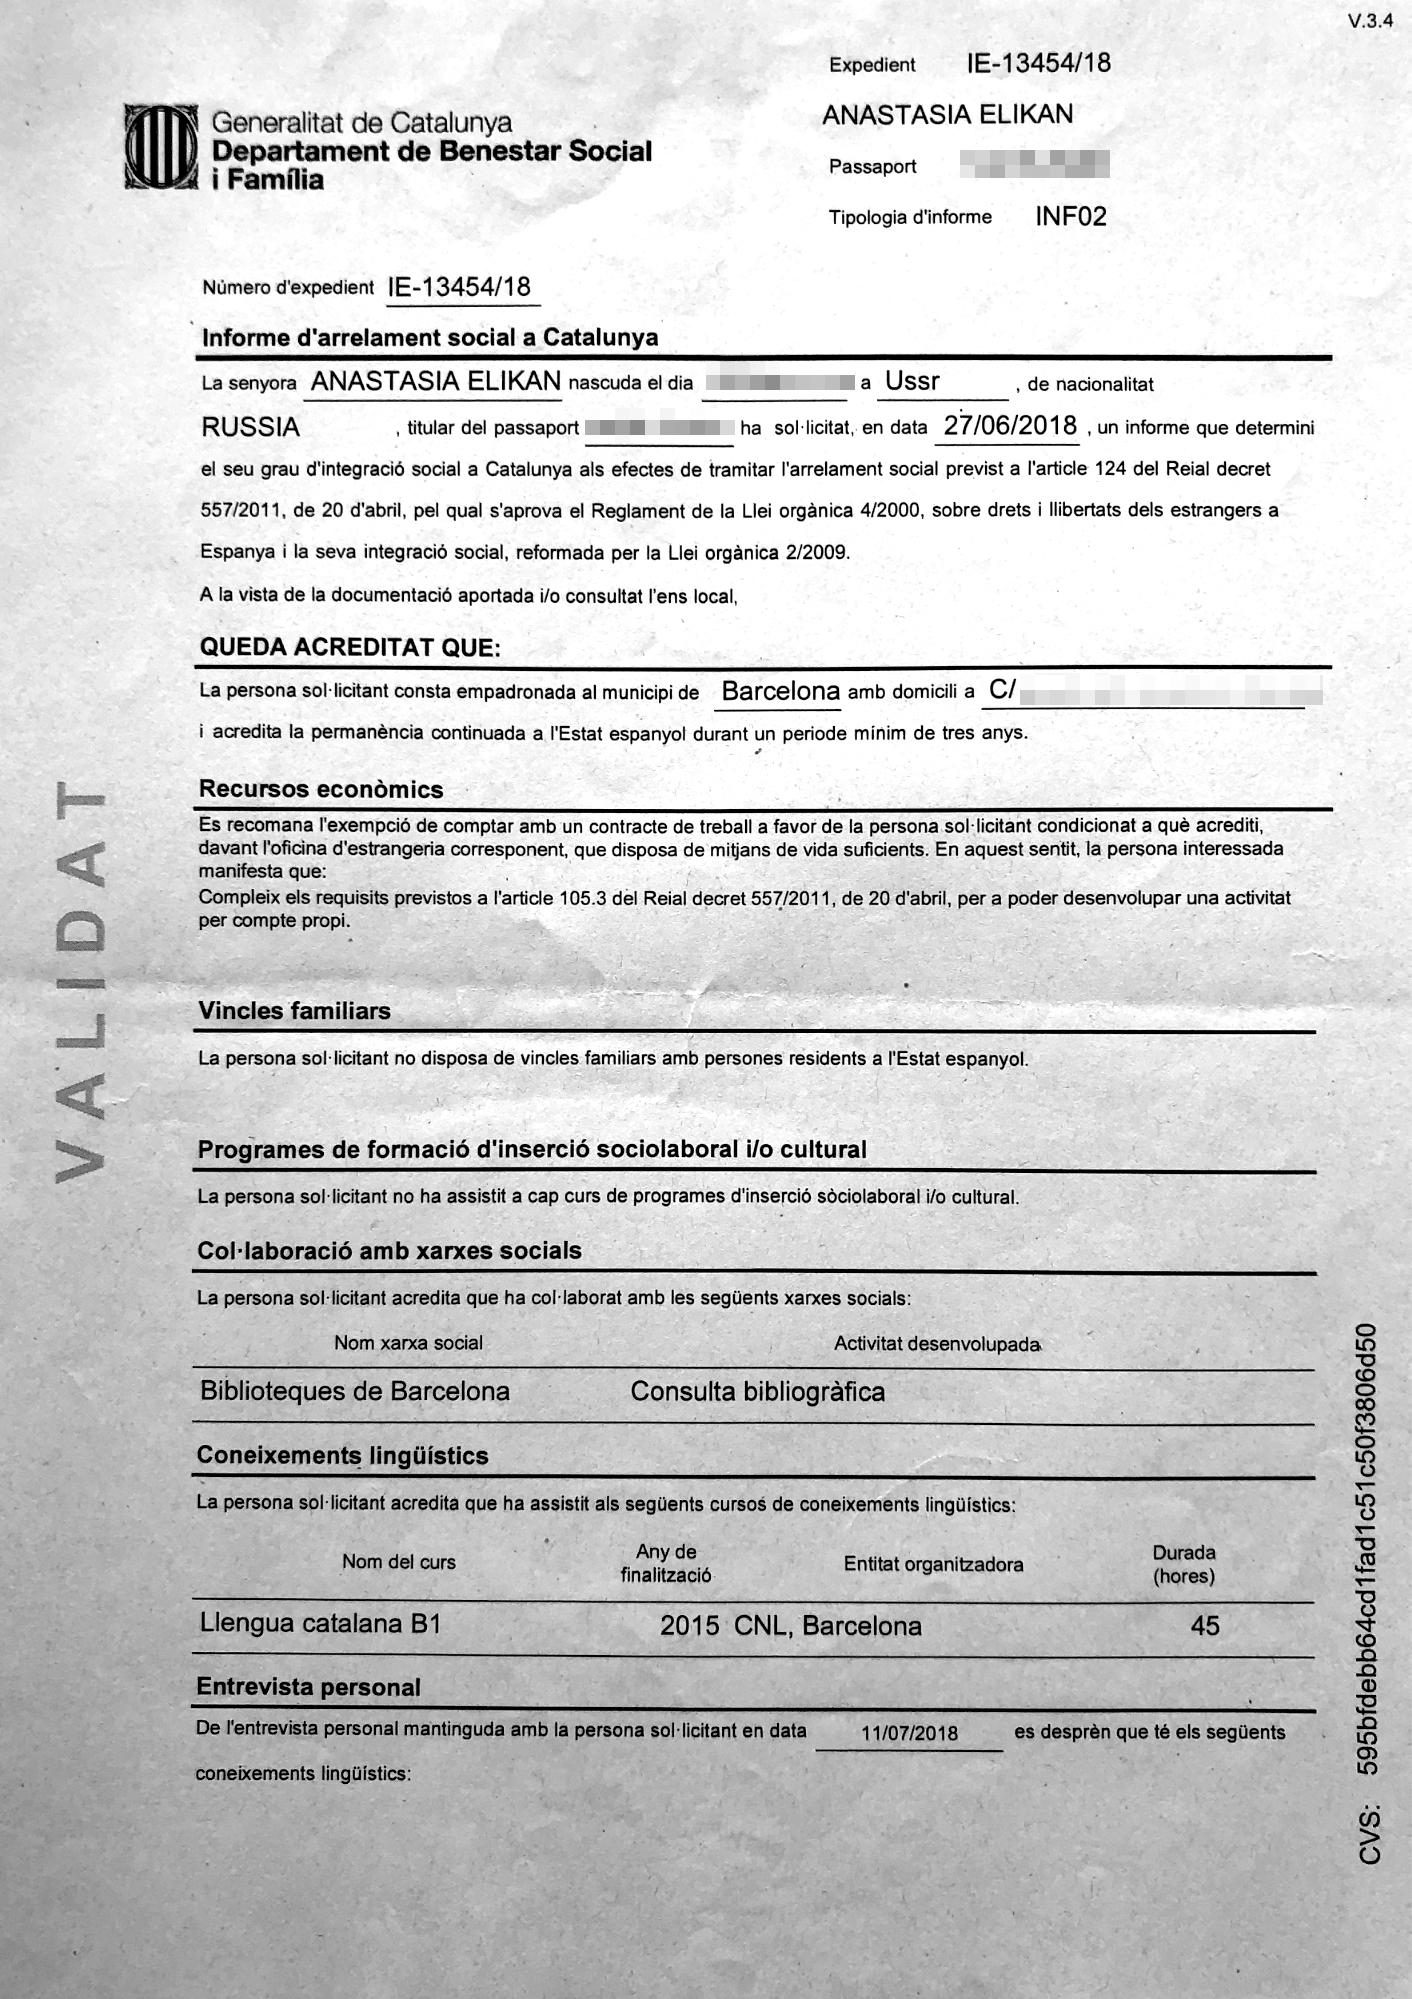 Сертификат о социальной интеграции в Каталонии